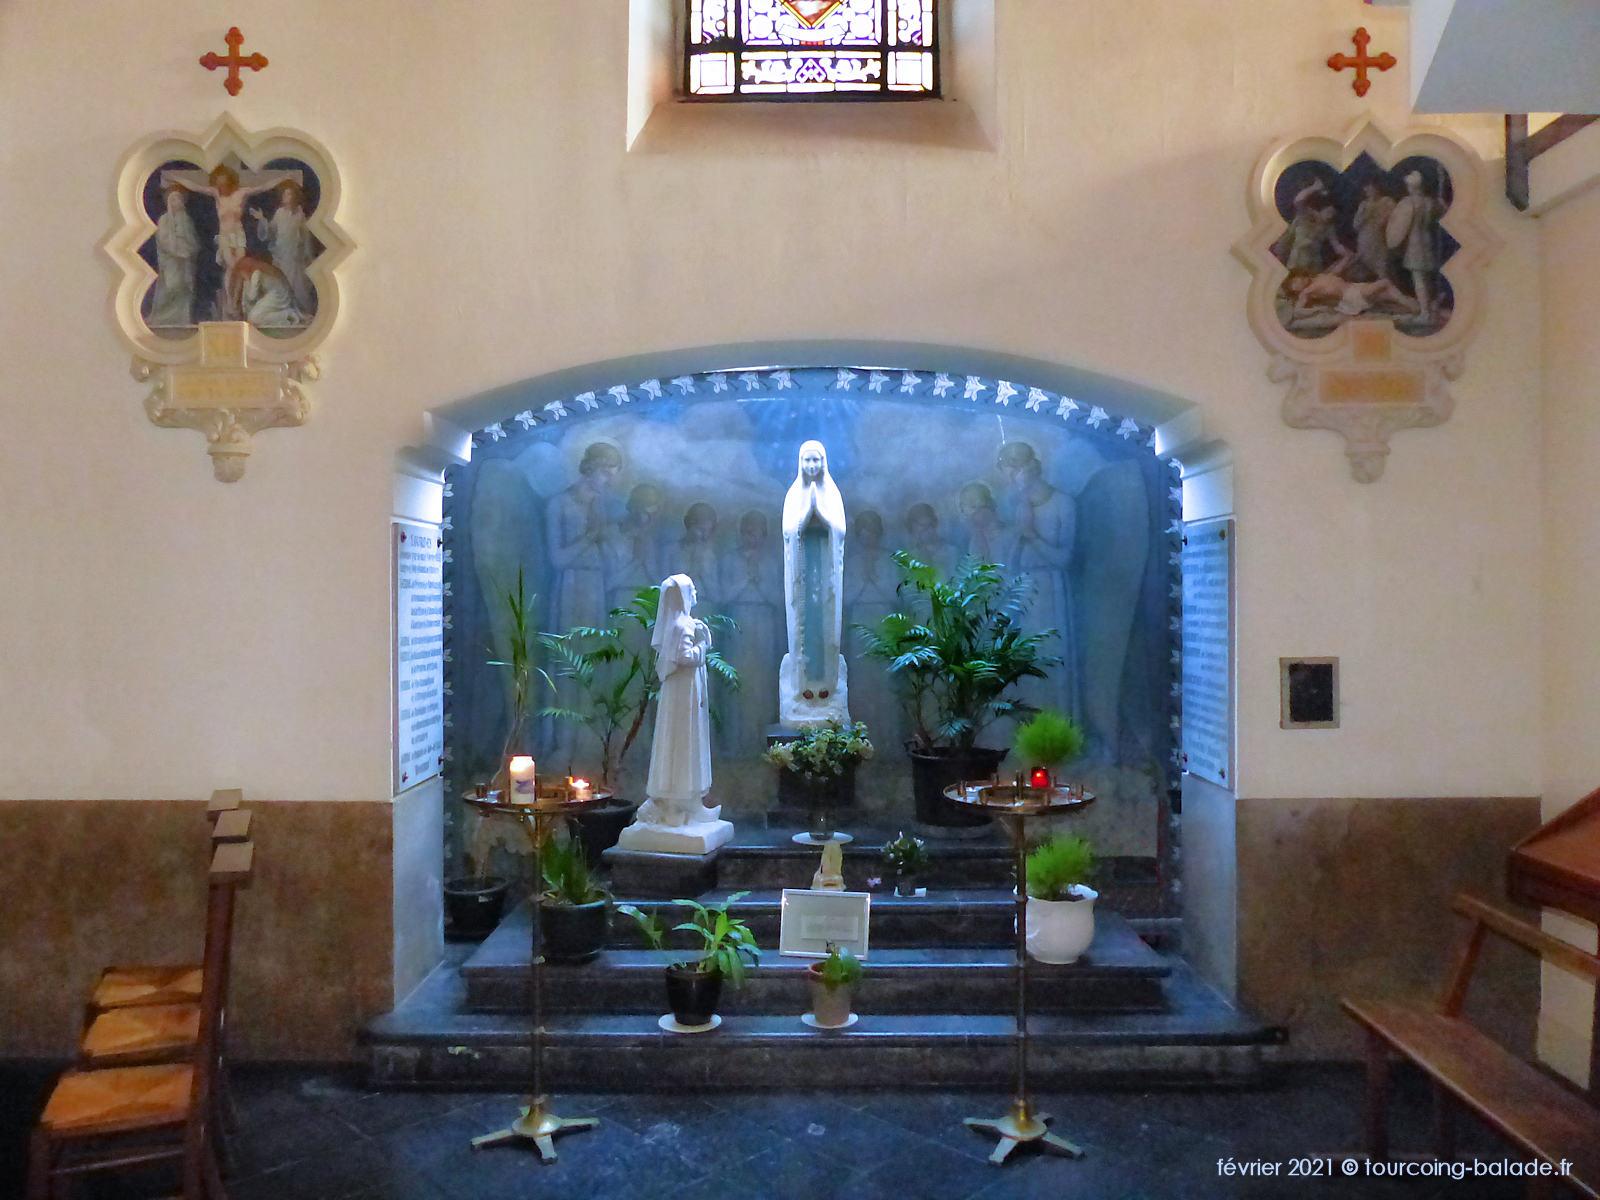 Madeleine Weerts, Sainte Bernadette, Tourcoing